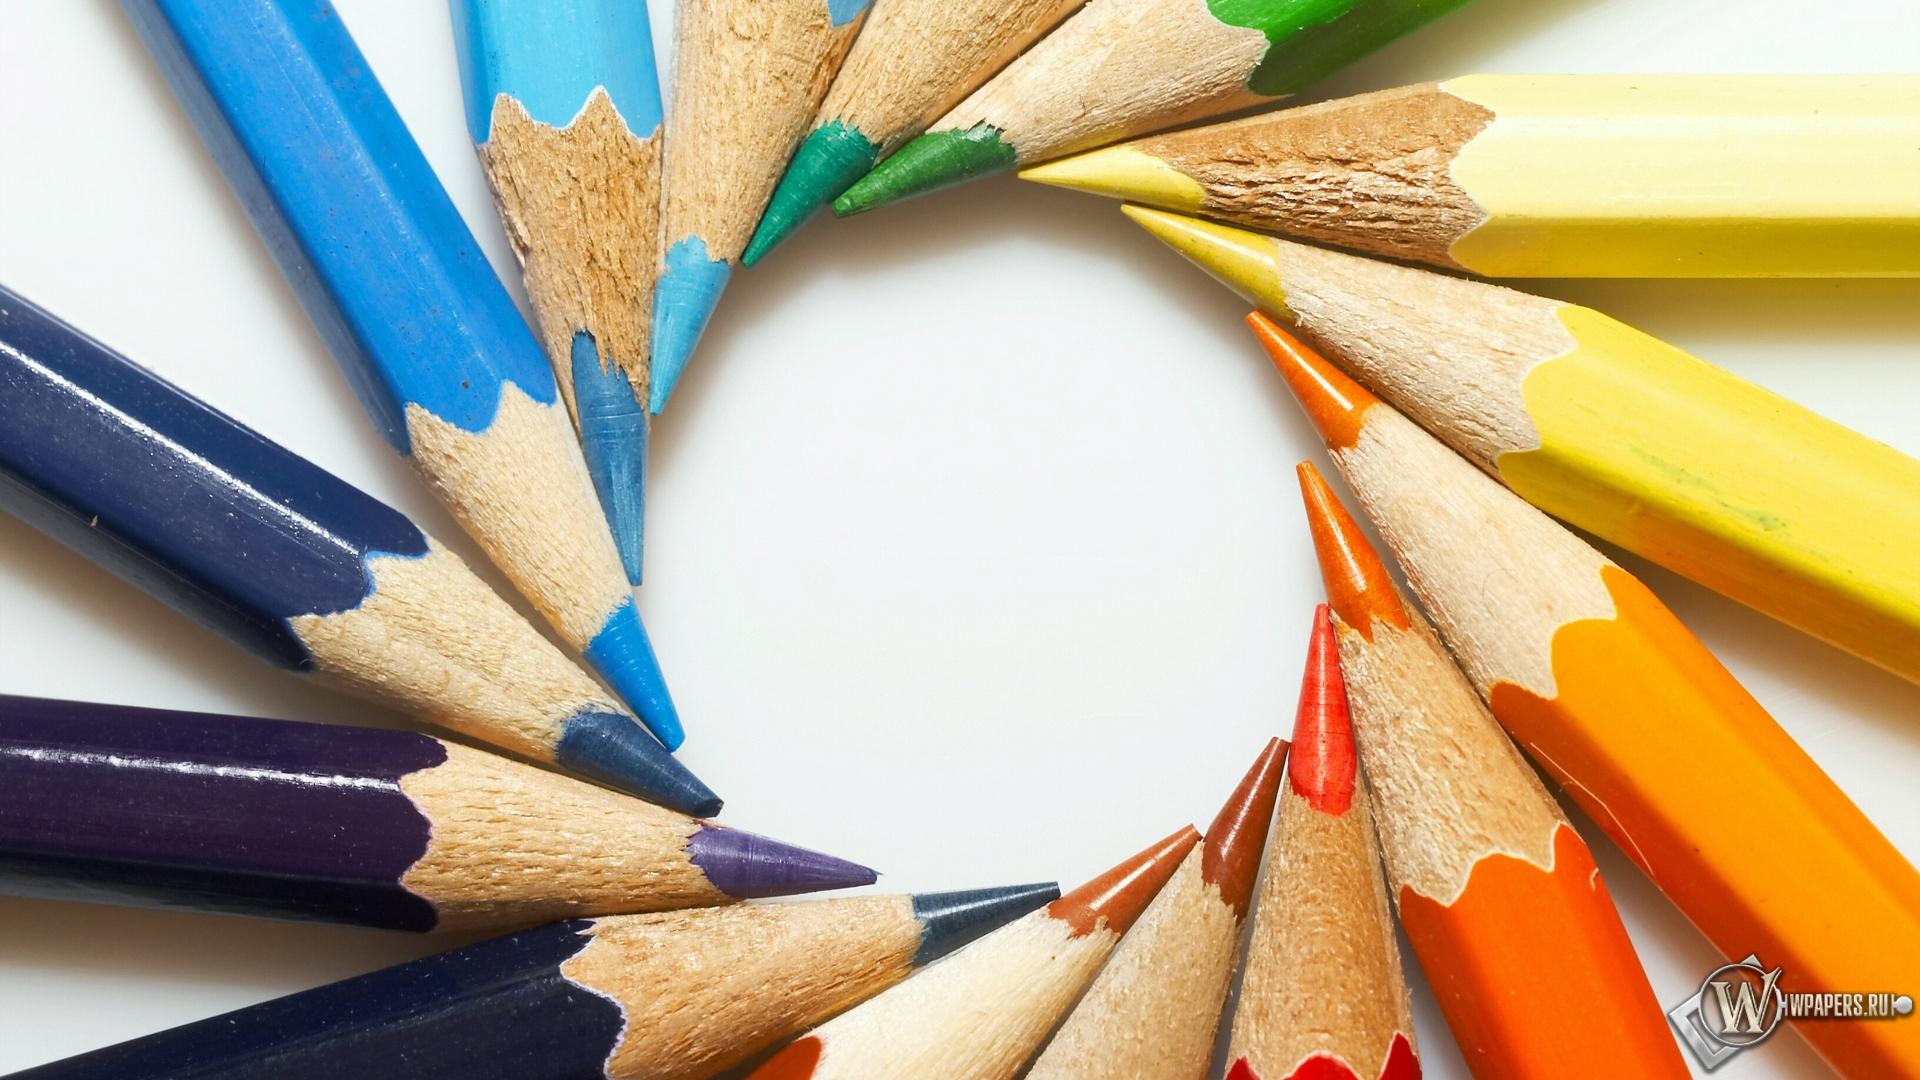 Цветные карандаши 1920x1080